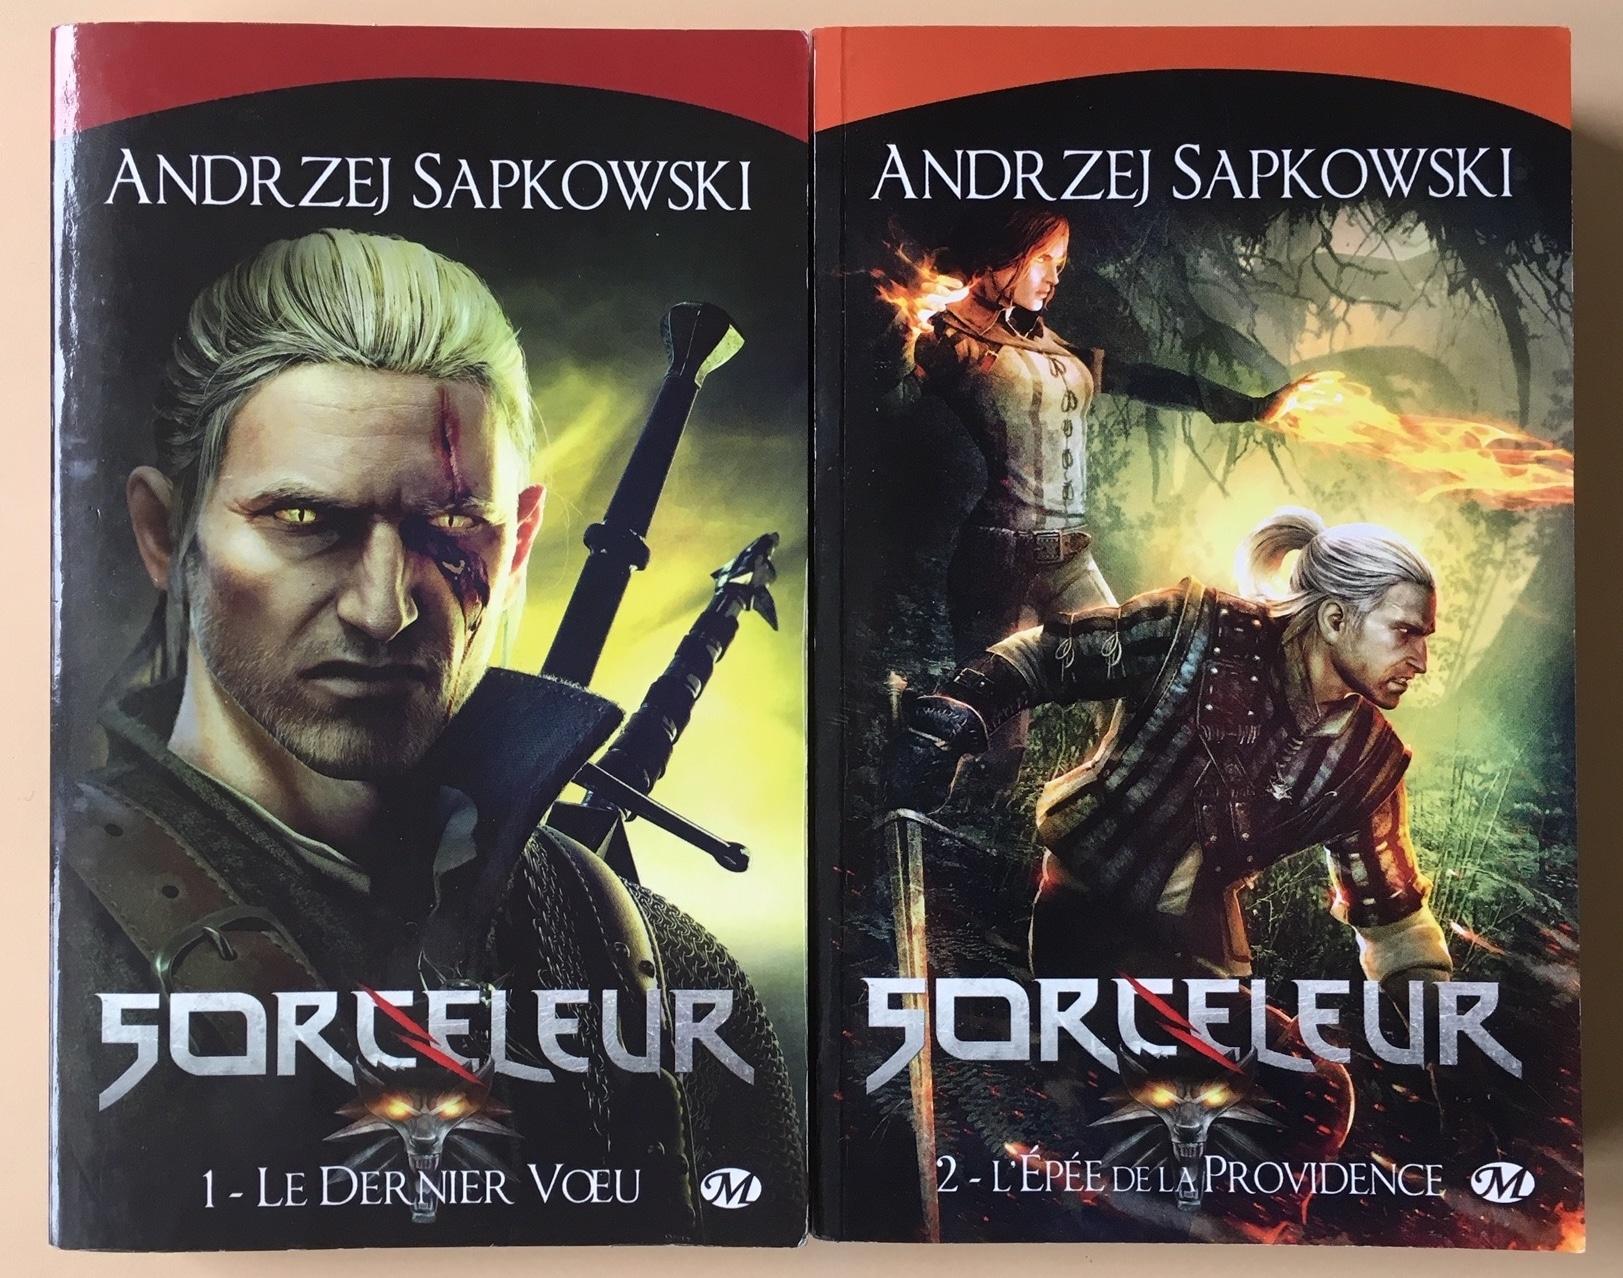 Couvertures des deux premiers tomes de la saga du Sorceleur d'Andrzej Sapkowski, parus chez Milady